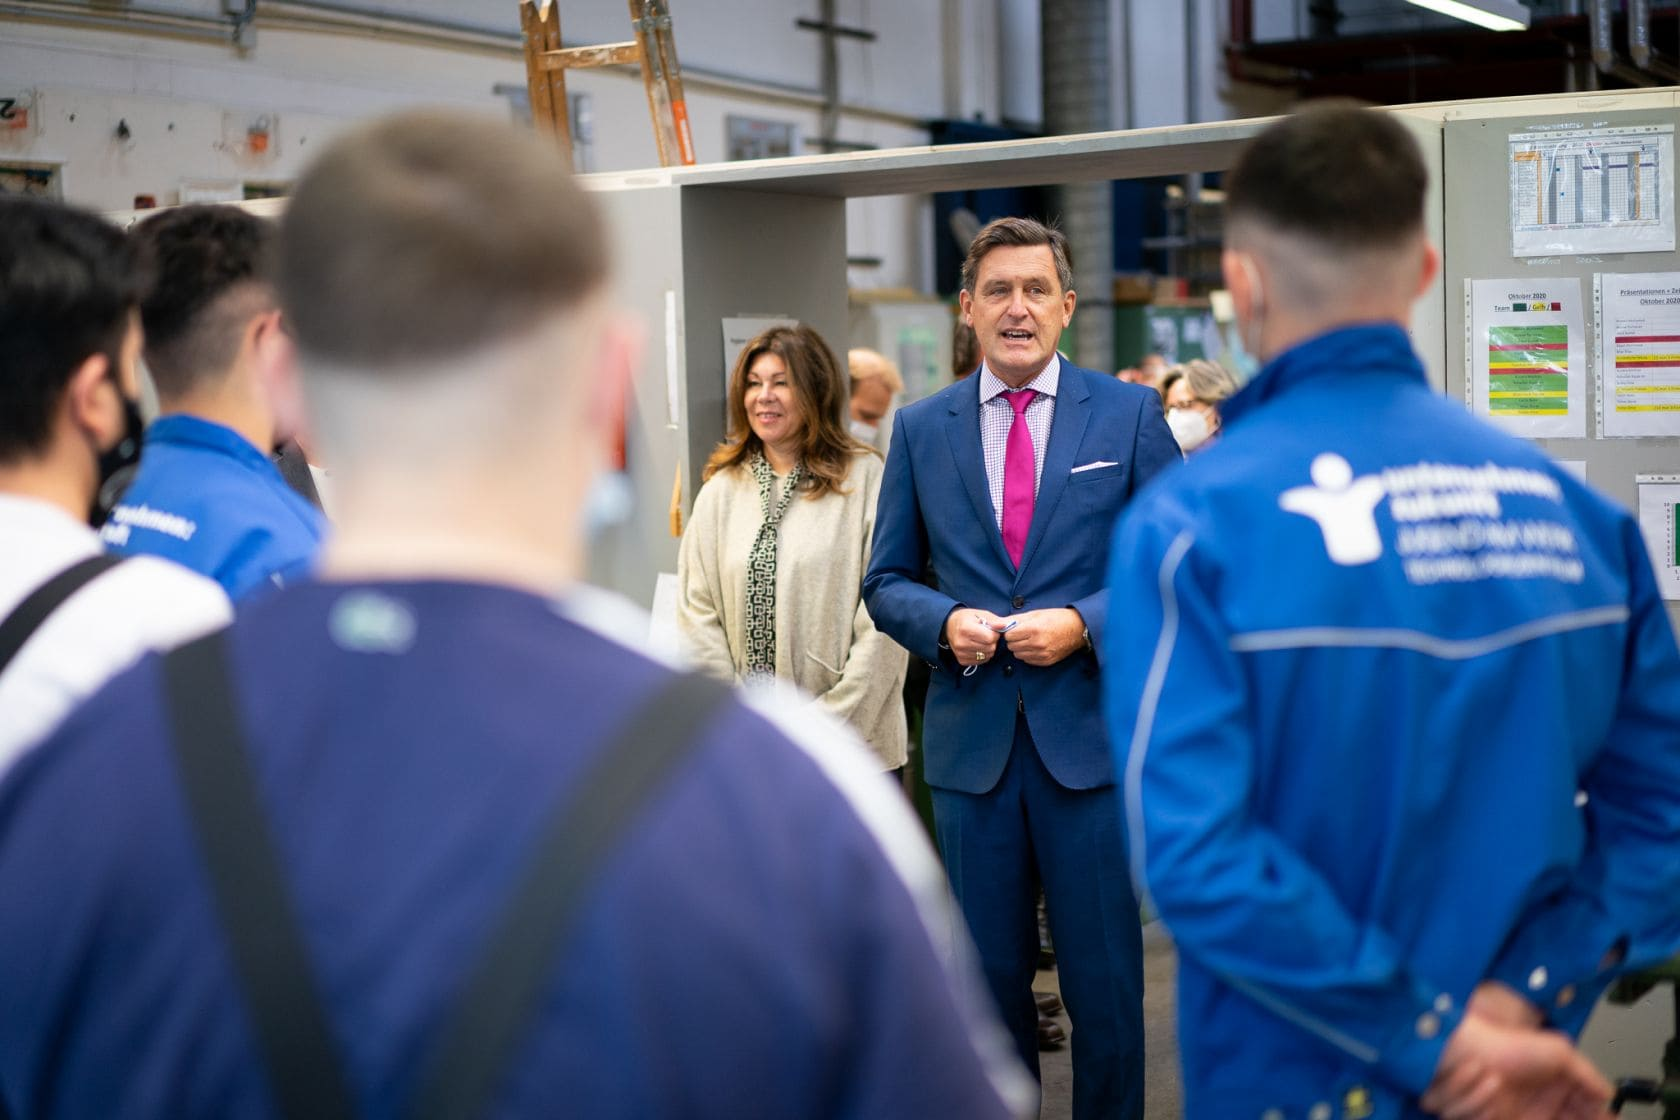 Stadtrat Peter Hanke und stv. waff Vorstandsvorsitzende Yvonne Rychly besuchen Jugend am Werk und überreichen tablets an die Jugendlichen